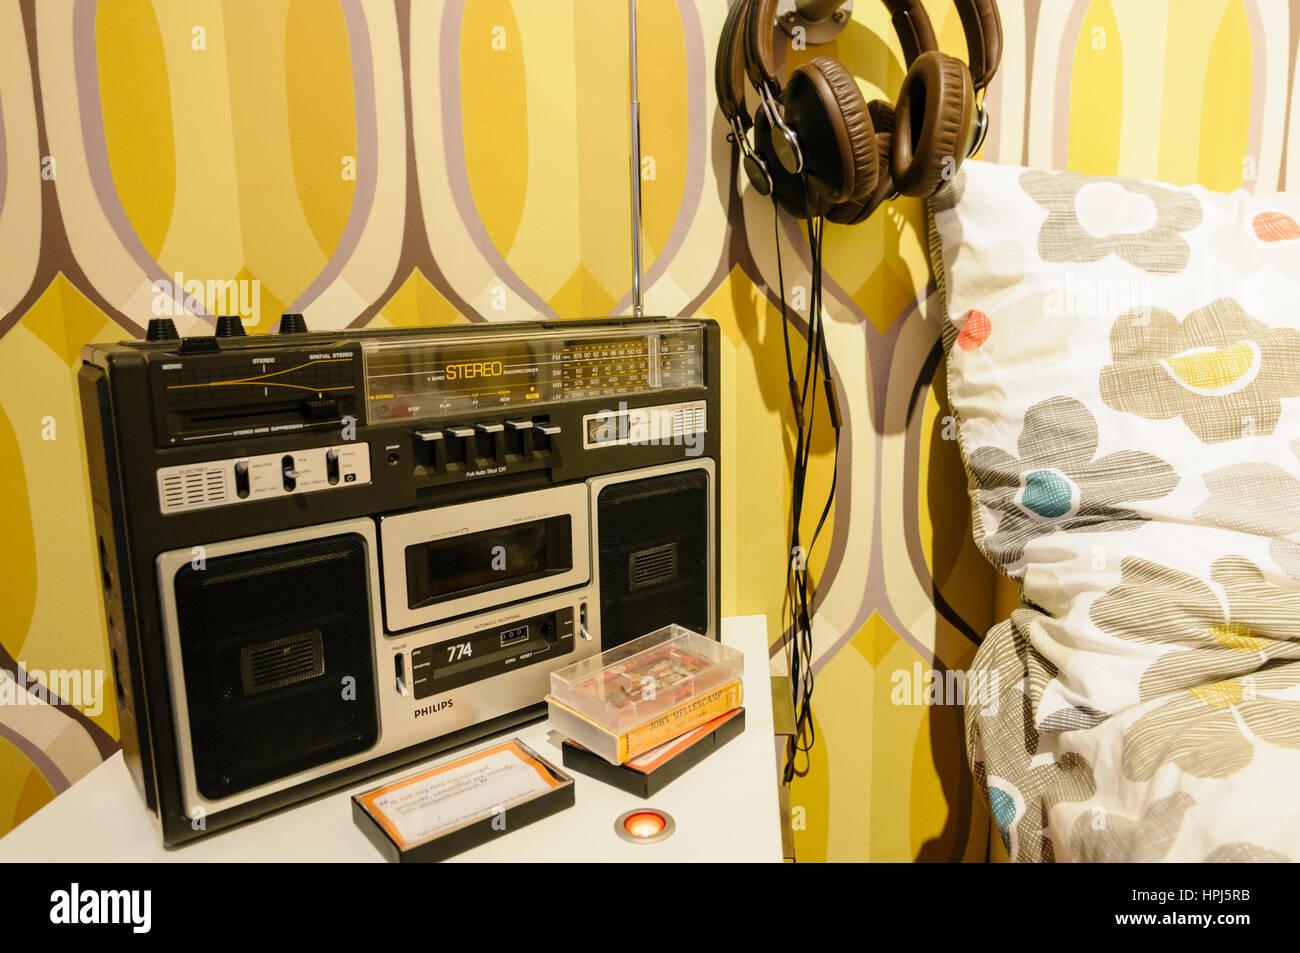 Kassetten-Player in einem Schlafzimmer aus den 1980er Jahren. Stockbild